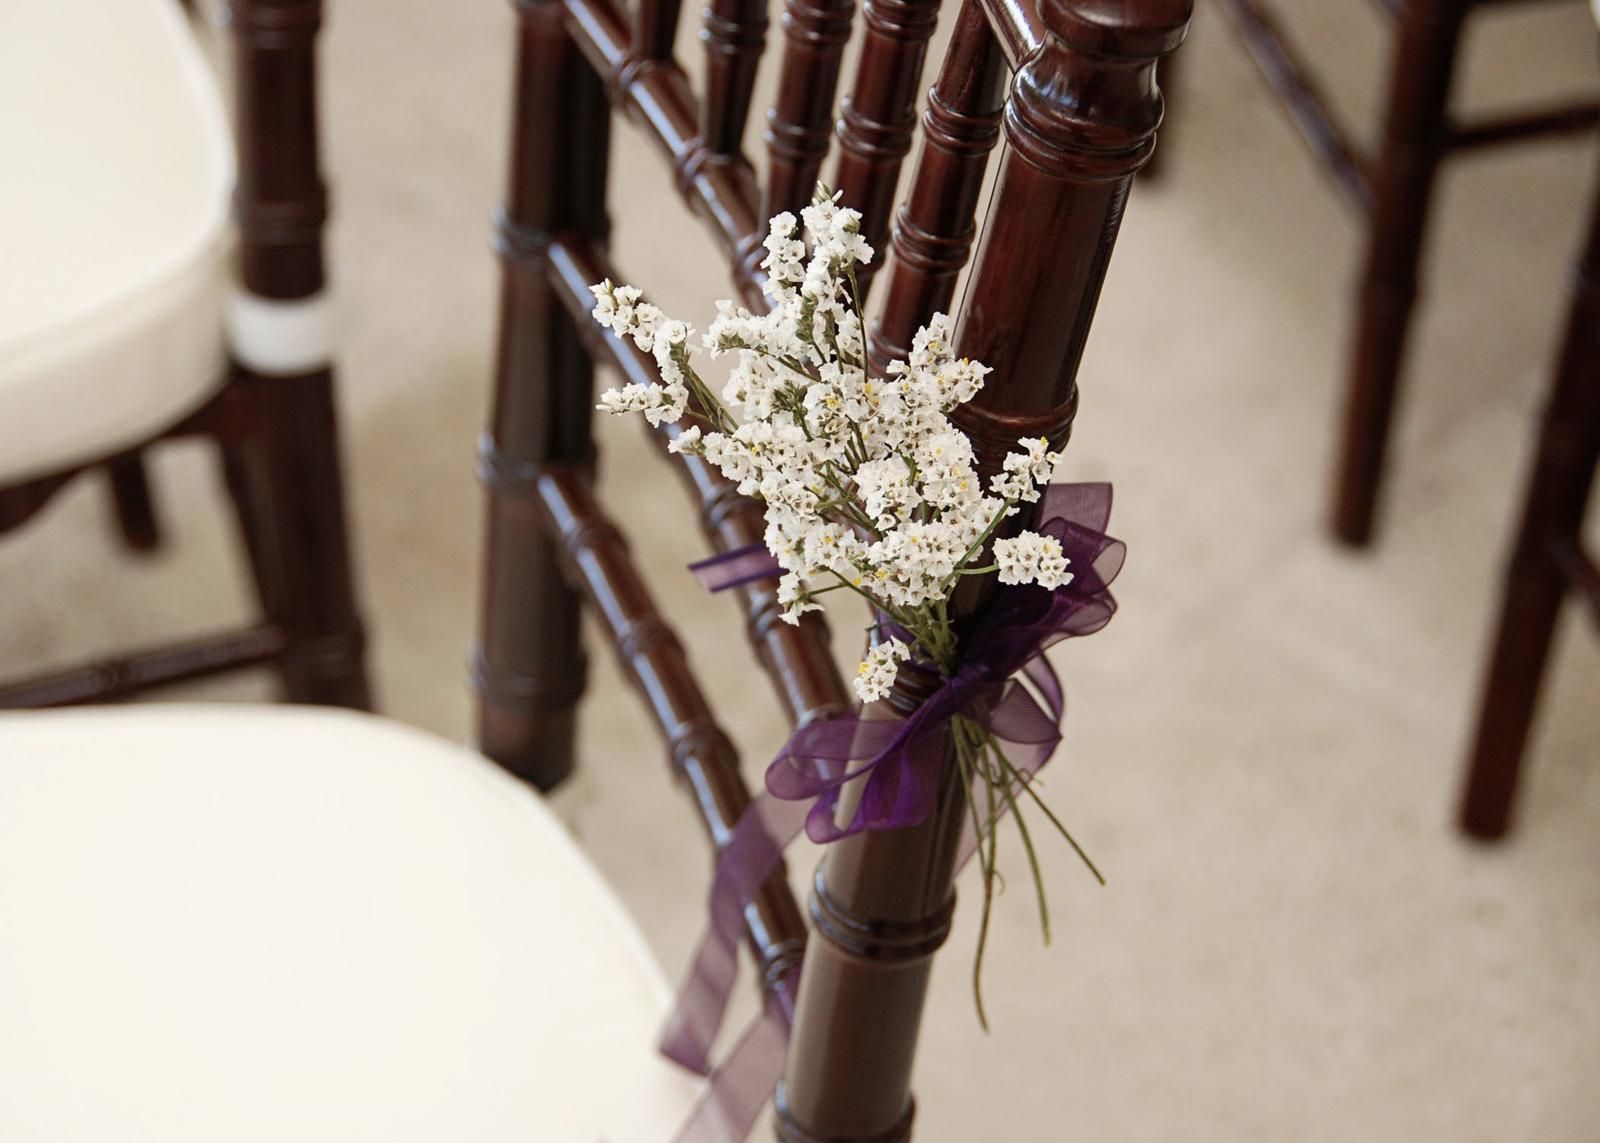 Hnedé Chiavari stoličky na prenájom  - Obrázok č. 1